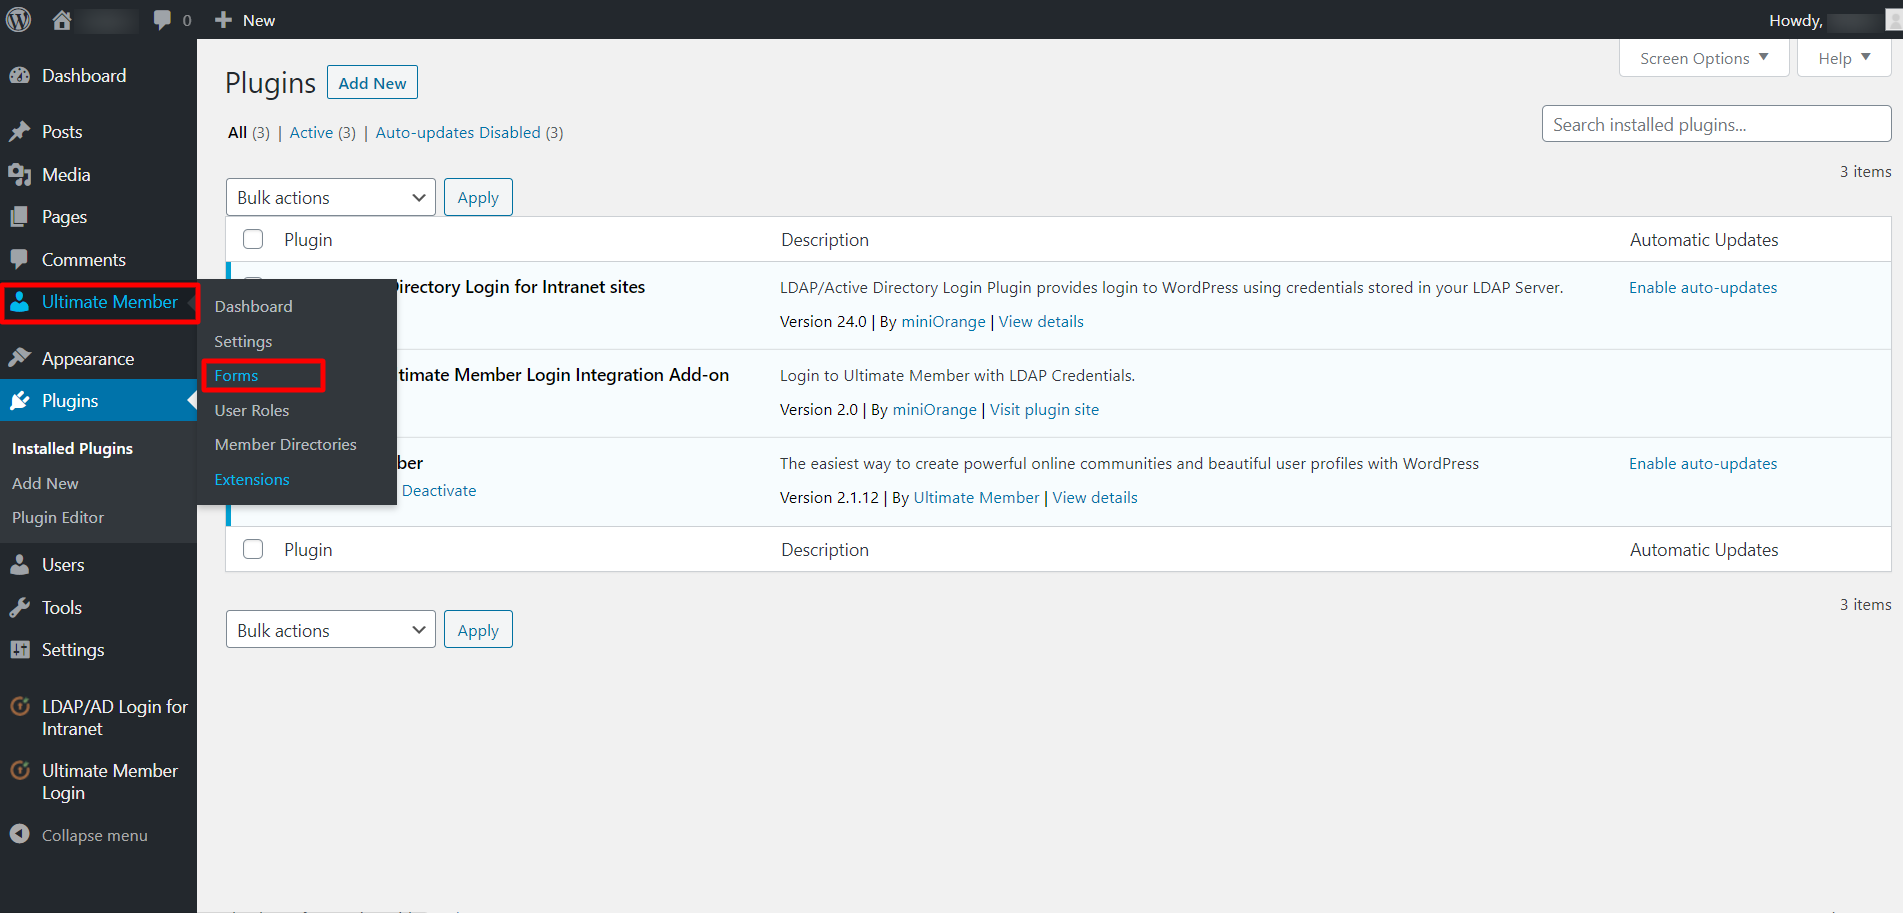 ultimate member login integration form